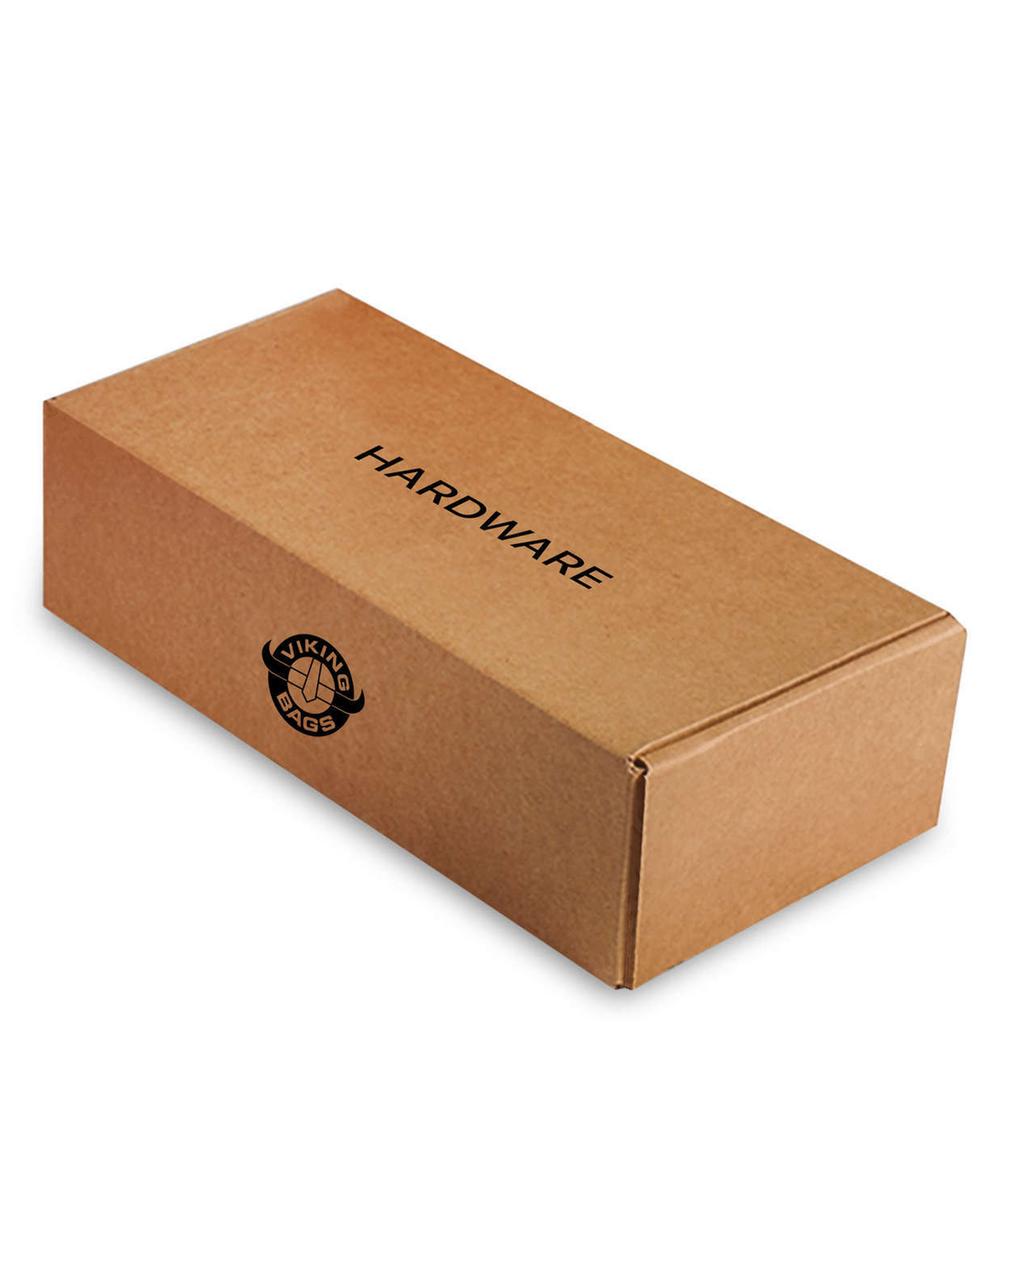 Honda 750 Shadow Aero Slanted Studded Medium Motorcycle Saddlebags Box